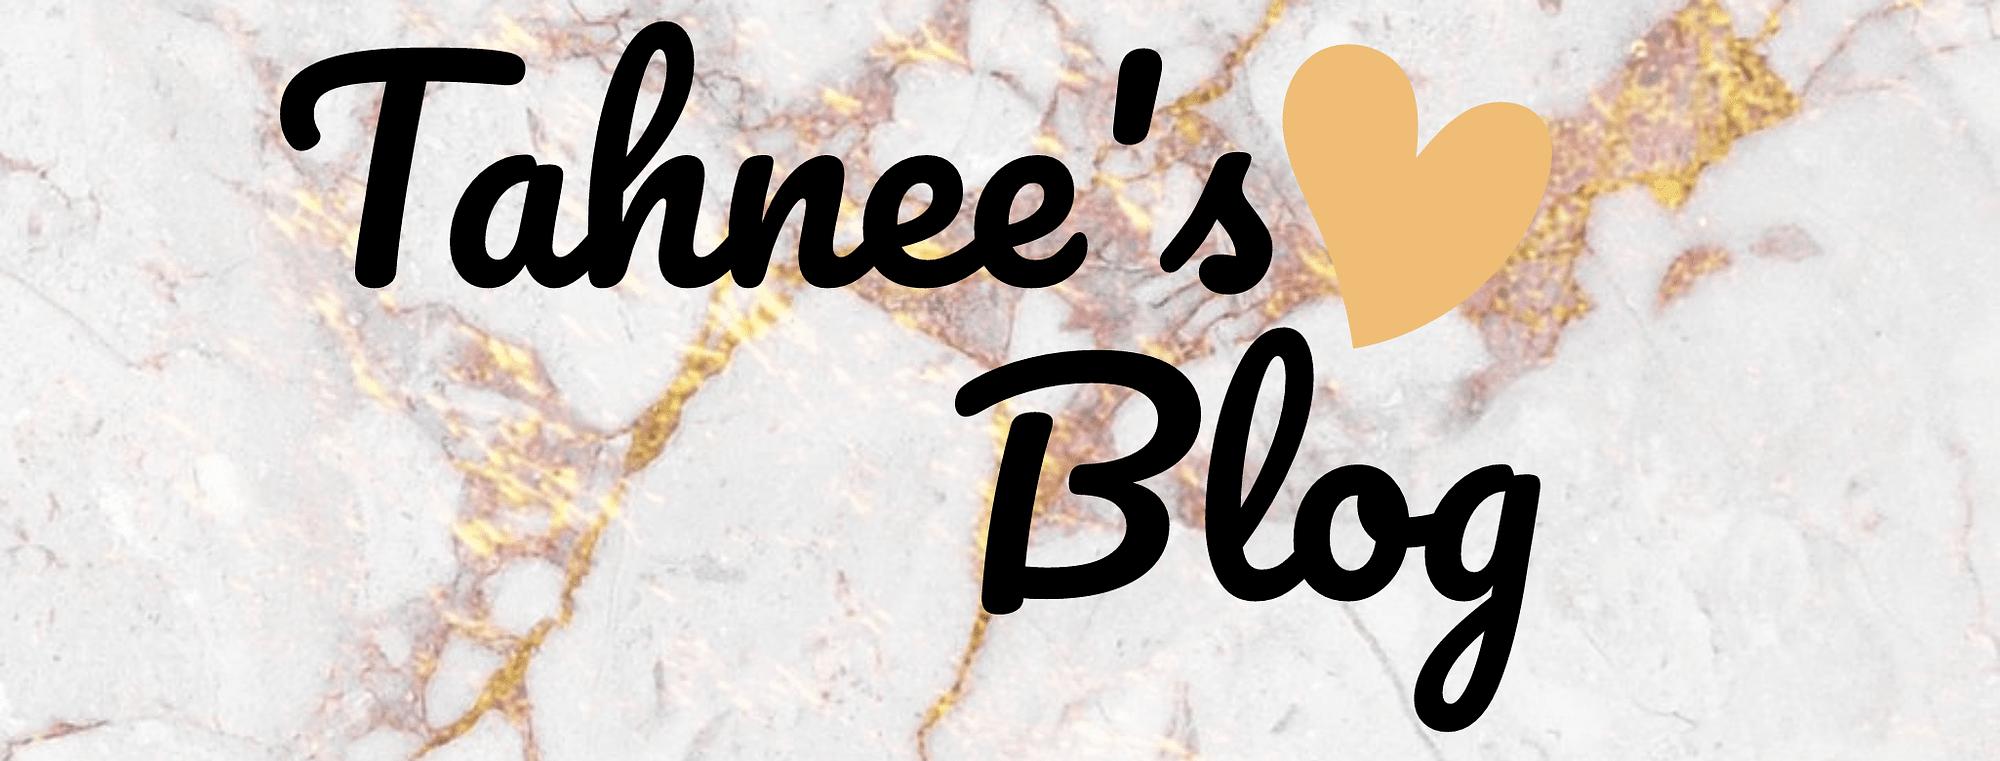 New Tahnee's Blog logo